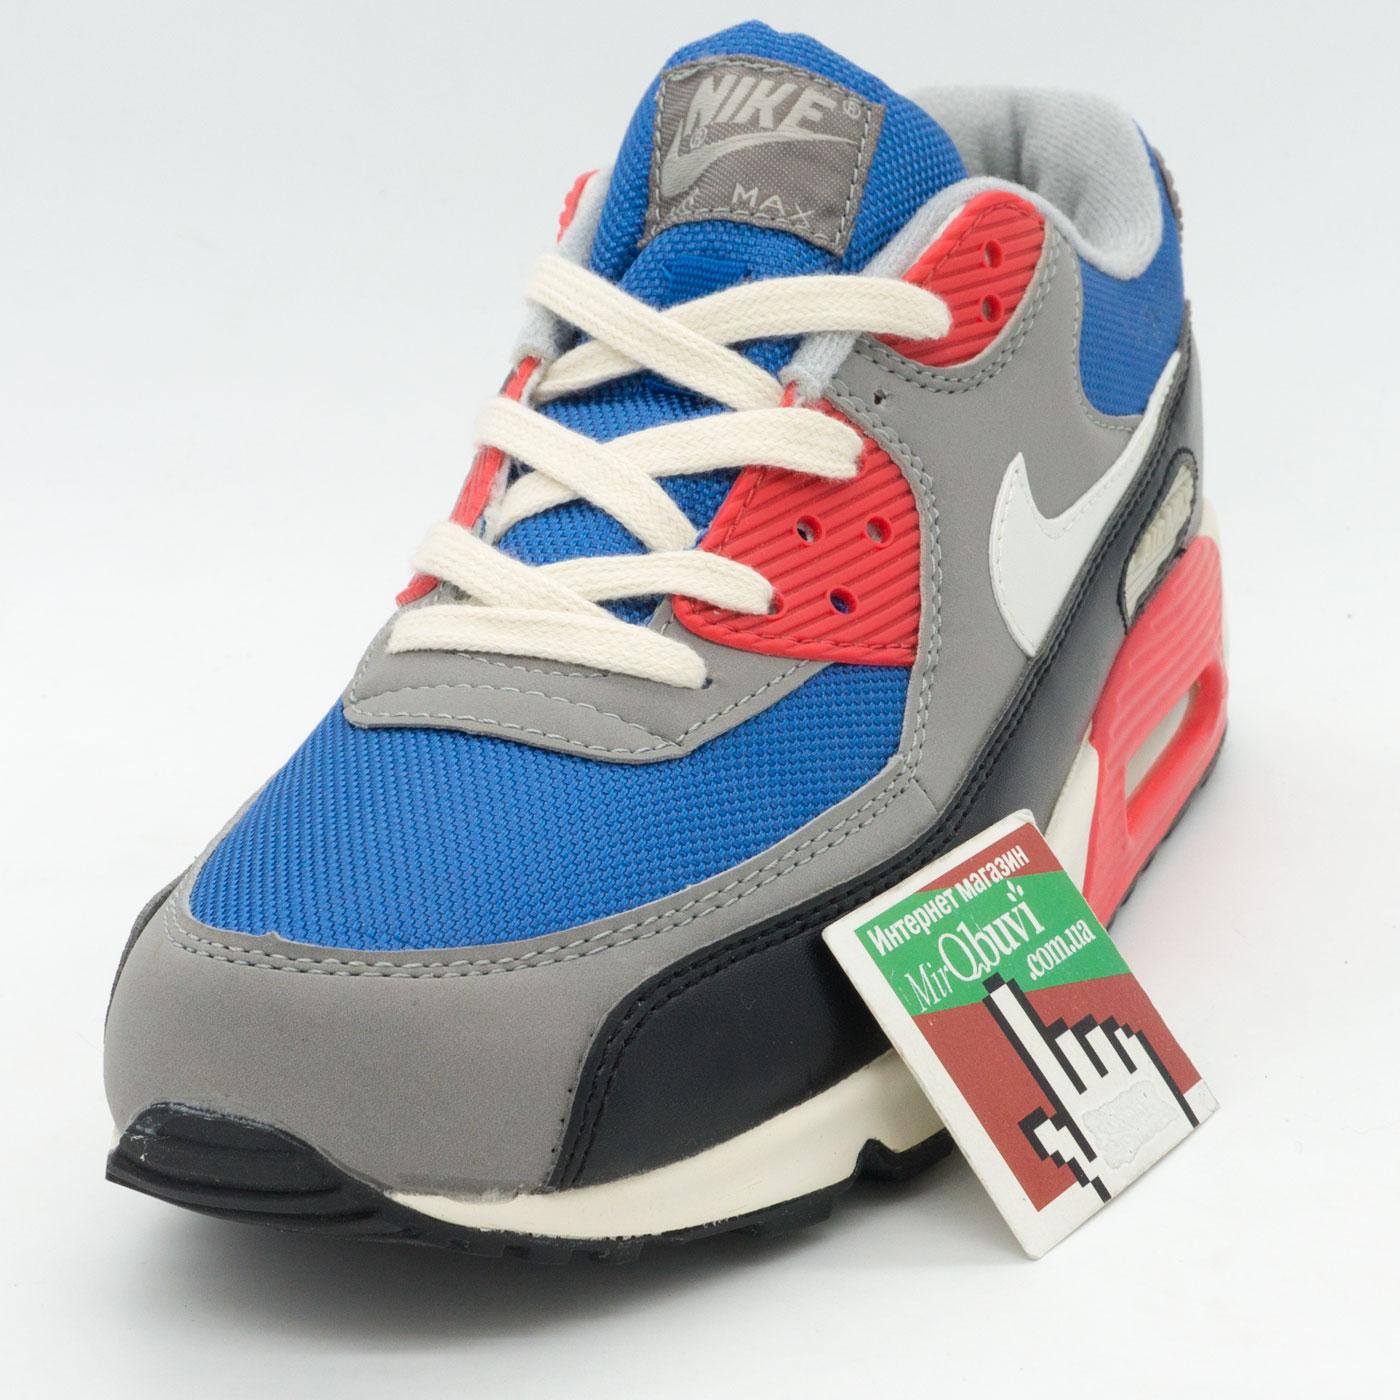 фото back Мужские кроссовки Nike Air Max 90 синие с красным back